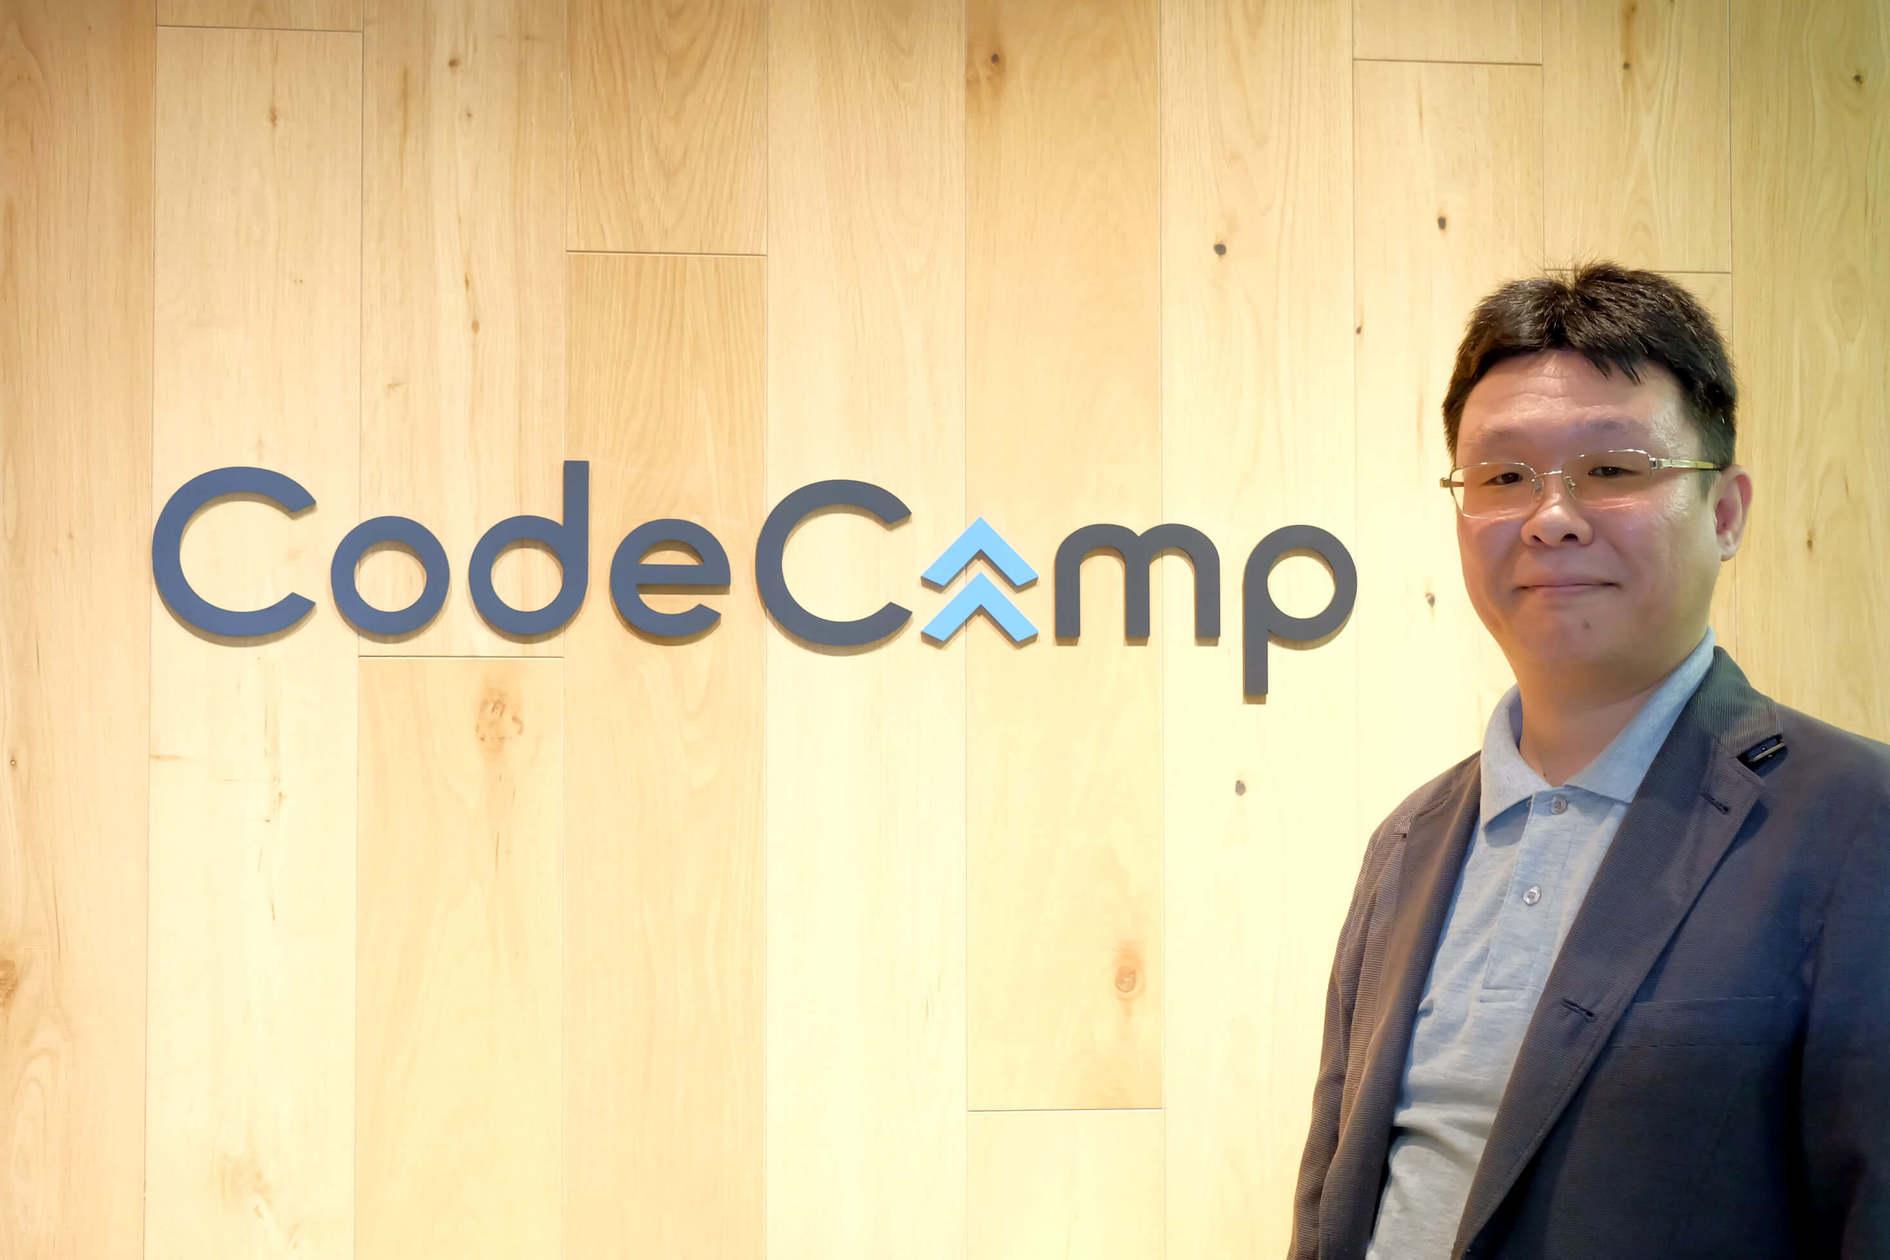 一人ひとりに、最適な学びと挑戦への後押しを【CodeCamp人気講師 #10 足谷先生】